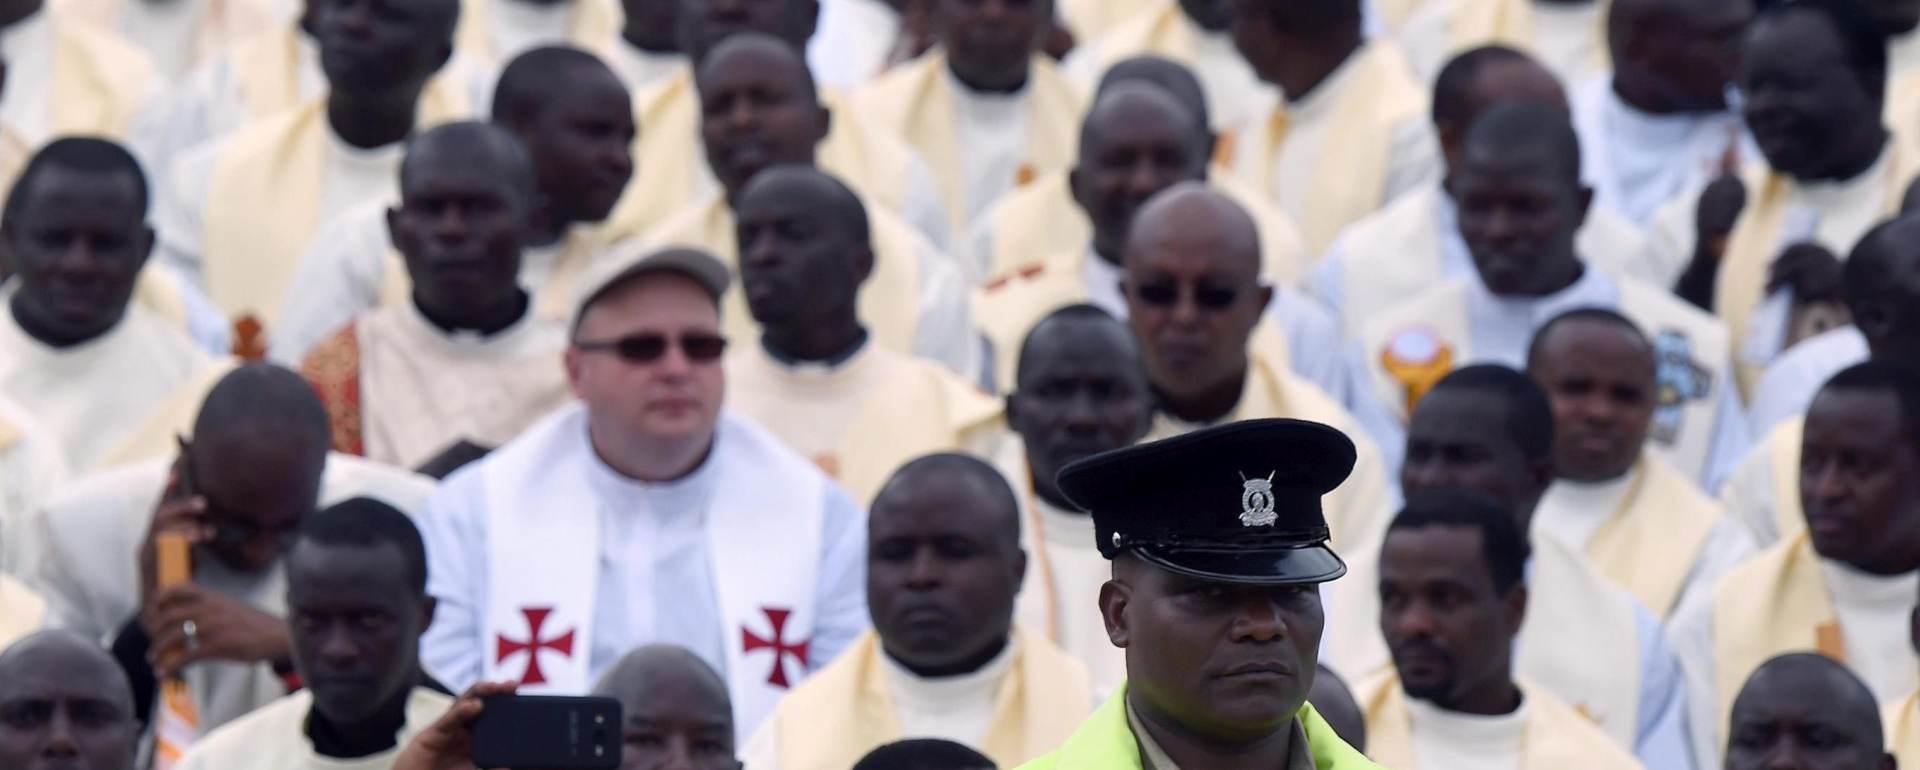 AFRIČKA TURNEJA: Papa kritizirao bogatu manjinu koja ne misli na napuštena predgrađa velegrada